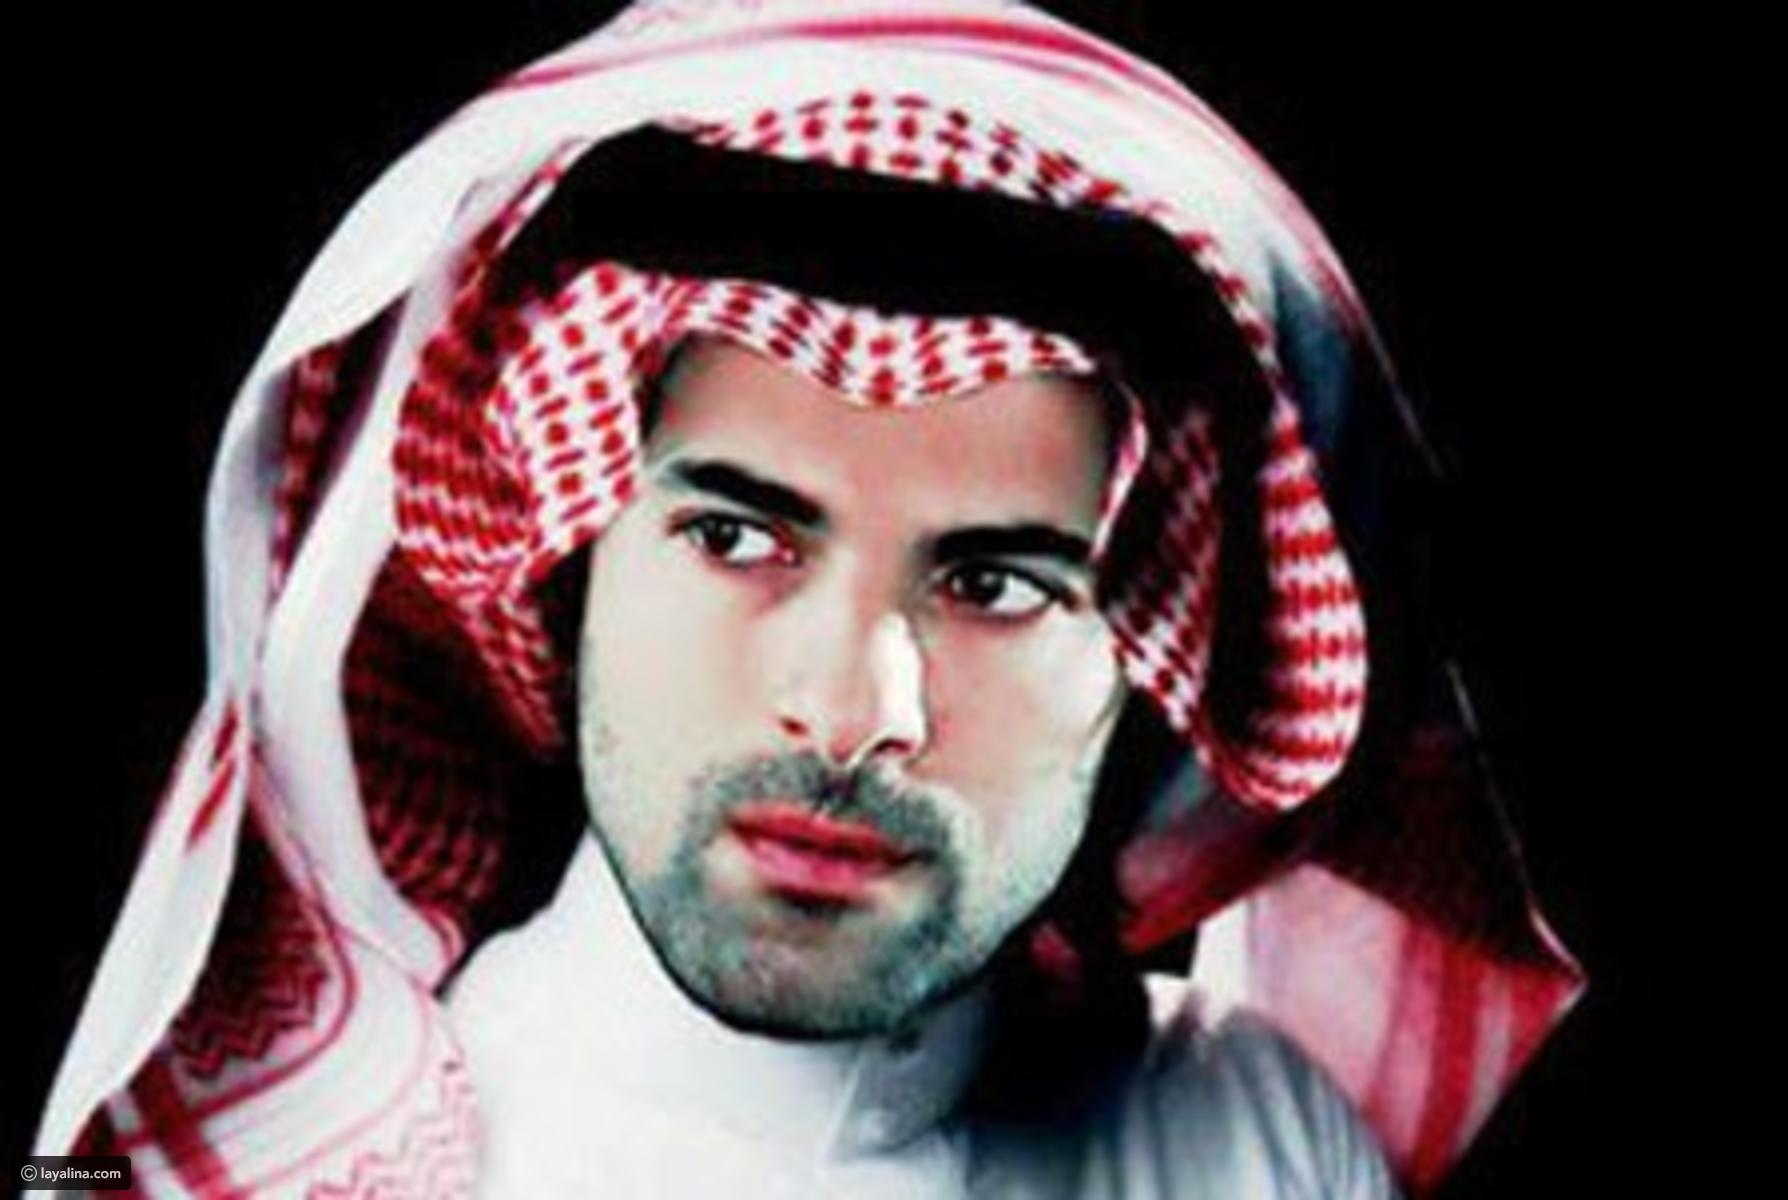 بالصور صور شباب الخليج , اوسم شباب خليجي 3699 10